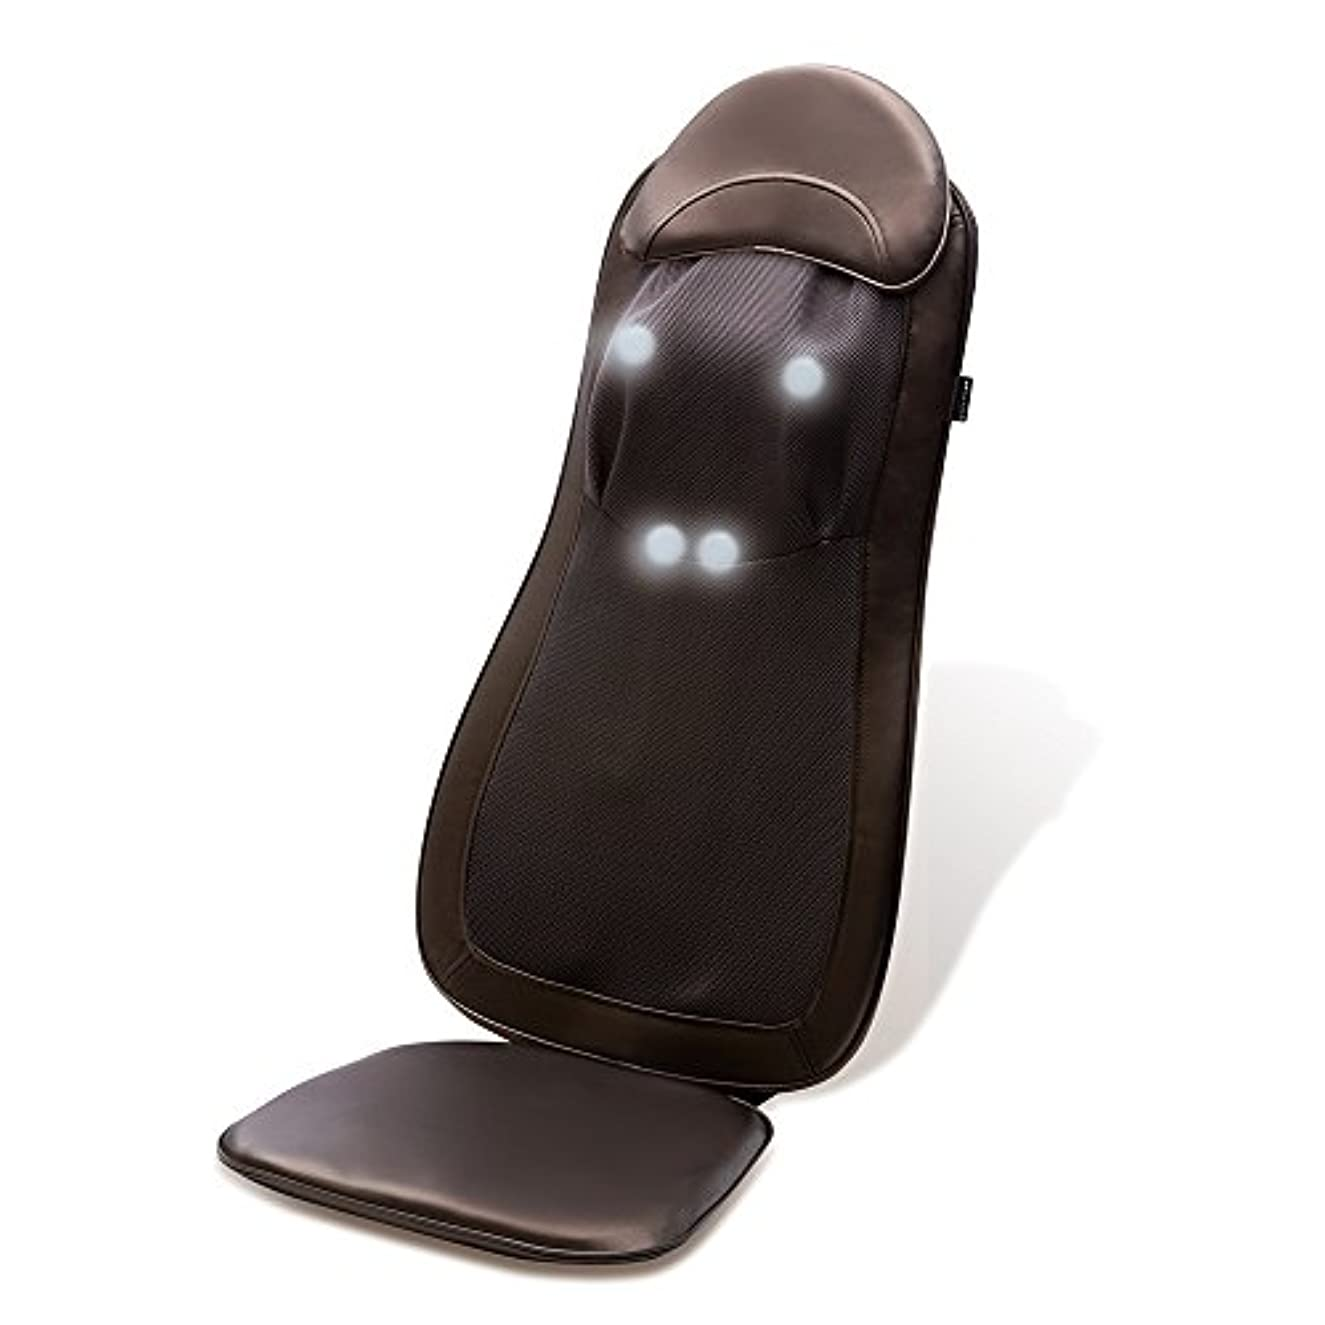 ジェーンオースティンウェイターバイソンドクターエア 3Dマッサージシート プレミアム (ブラウン) MS-002BR